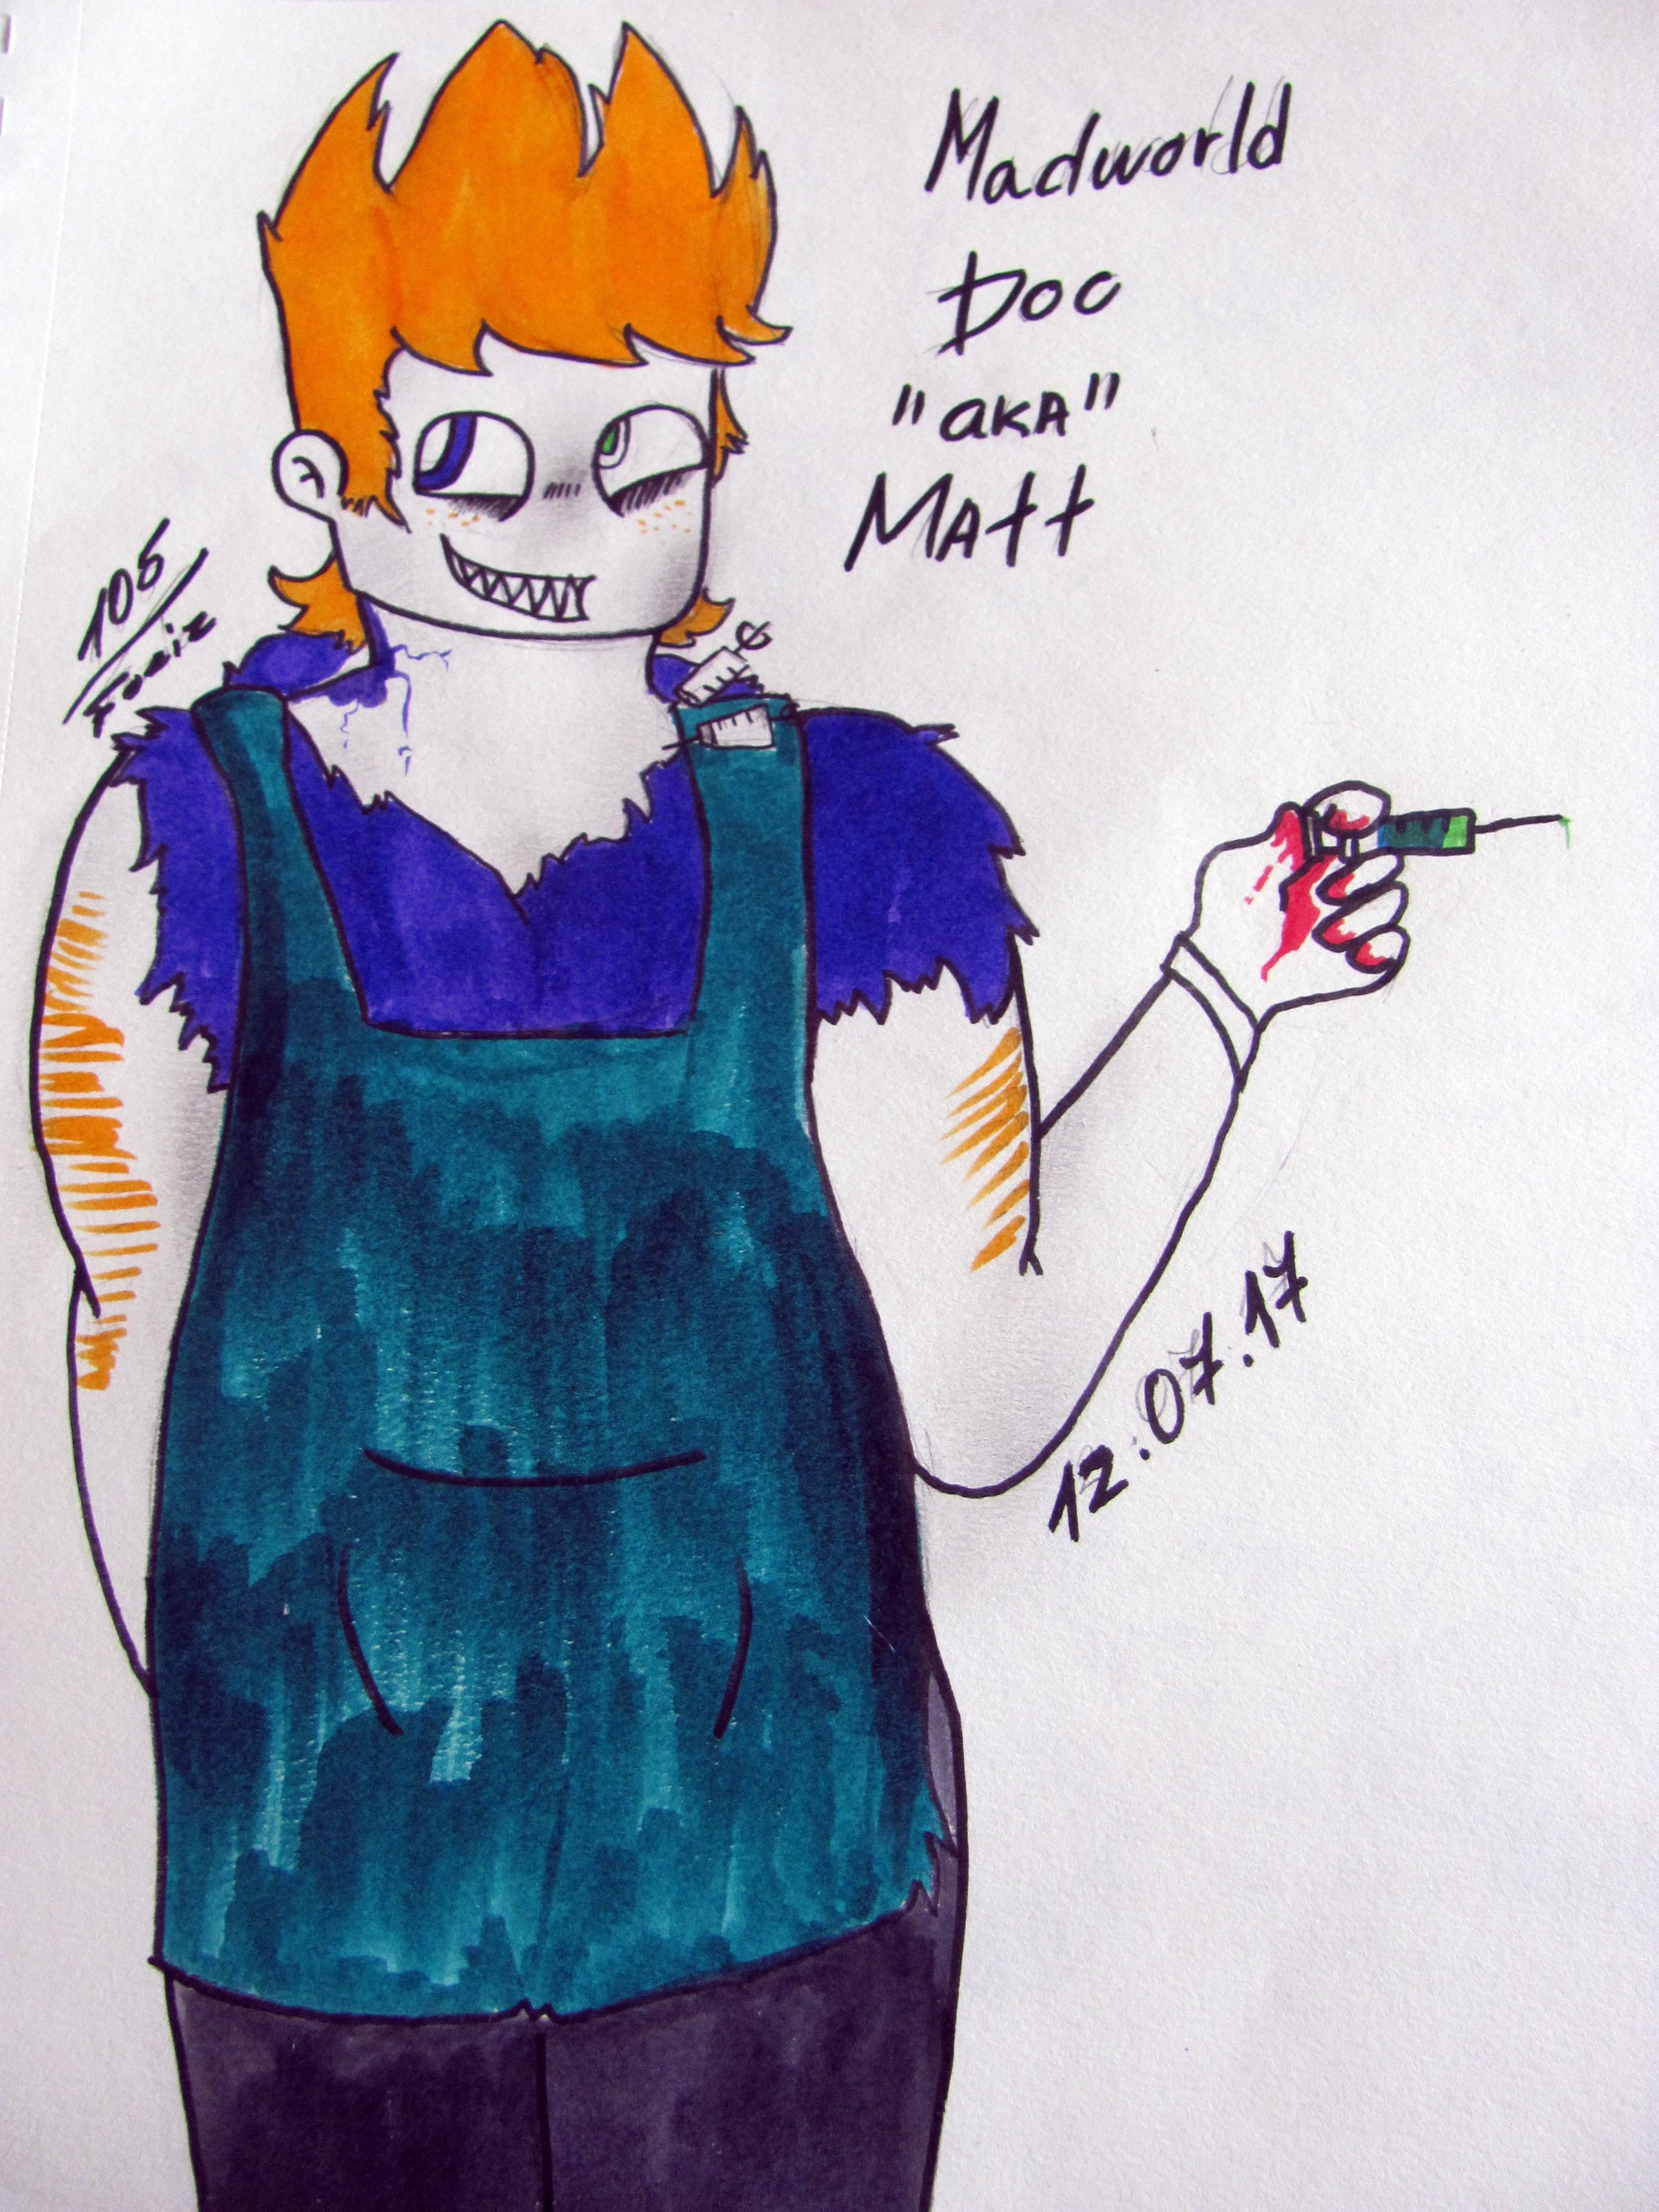 [MW] Matt 'aka' Doc by Foziz105